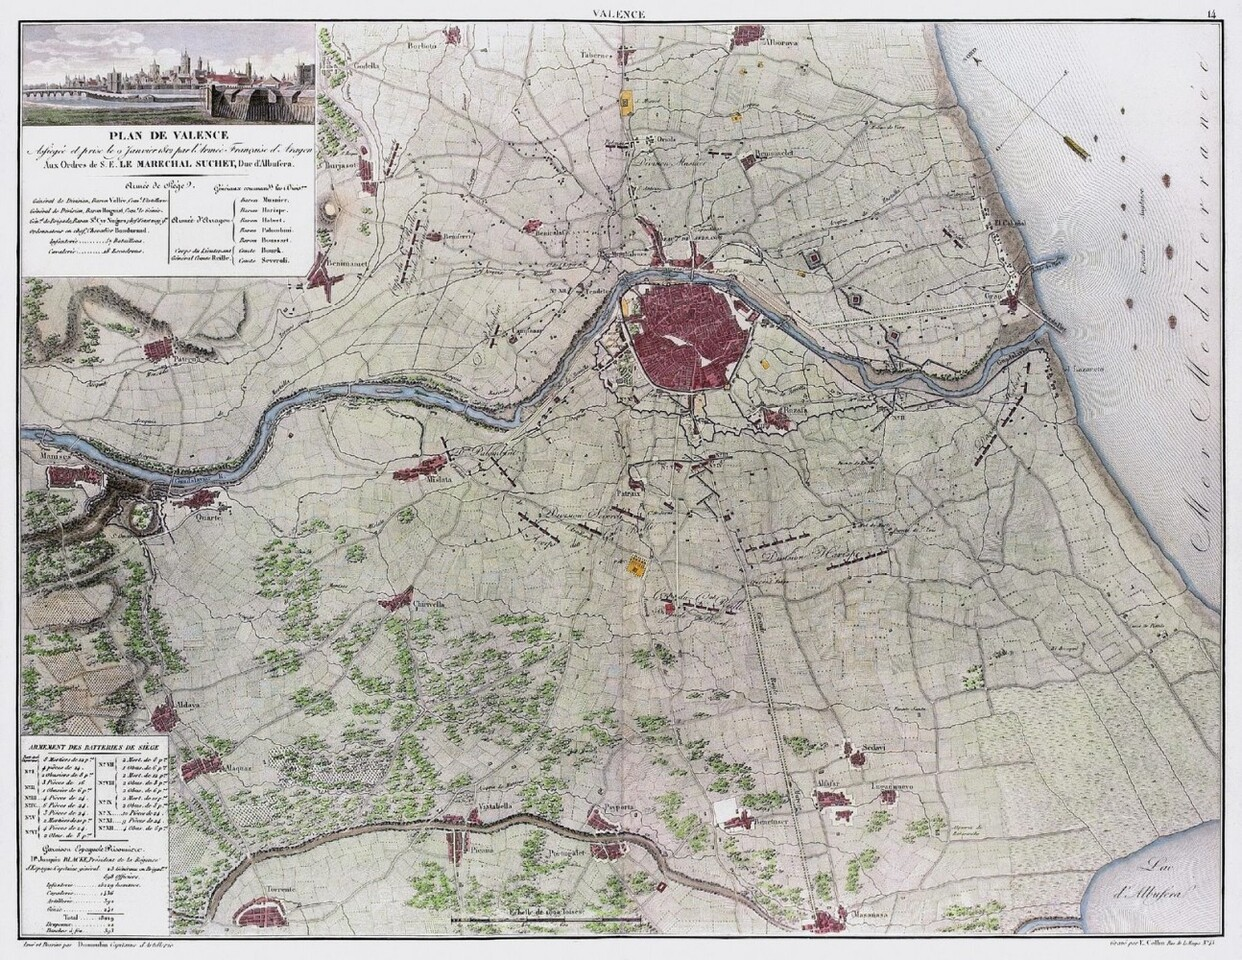 Plan de Valence asfiegeé et prise le 9 janvier 1812 par l' class=